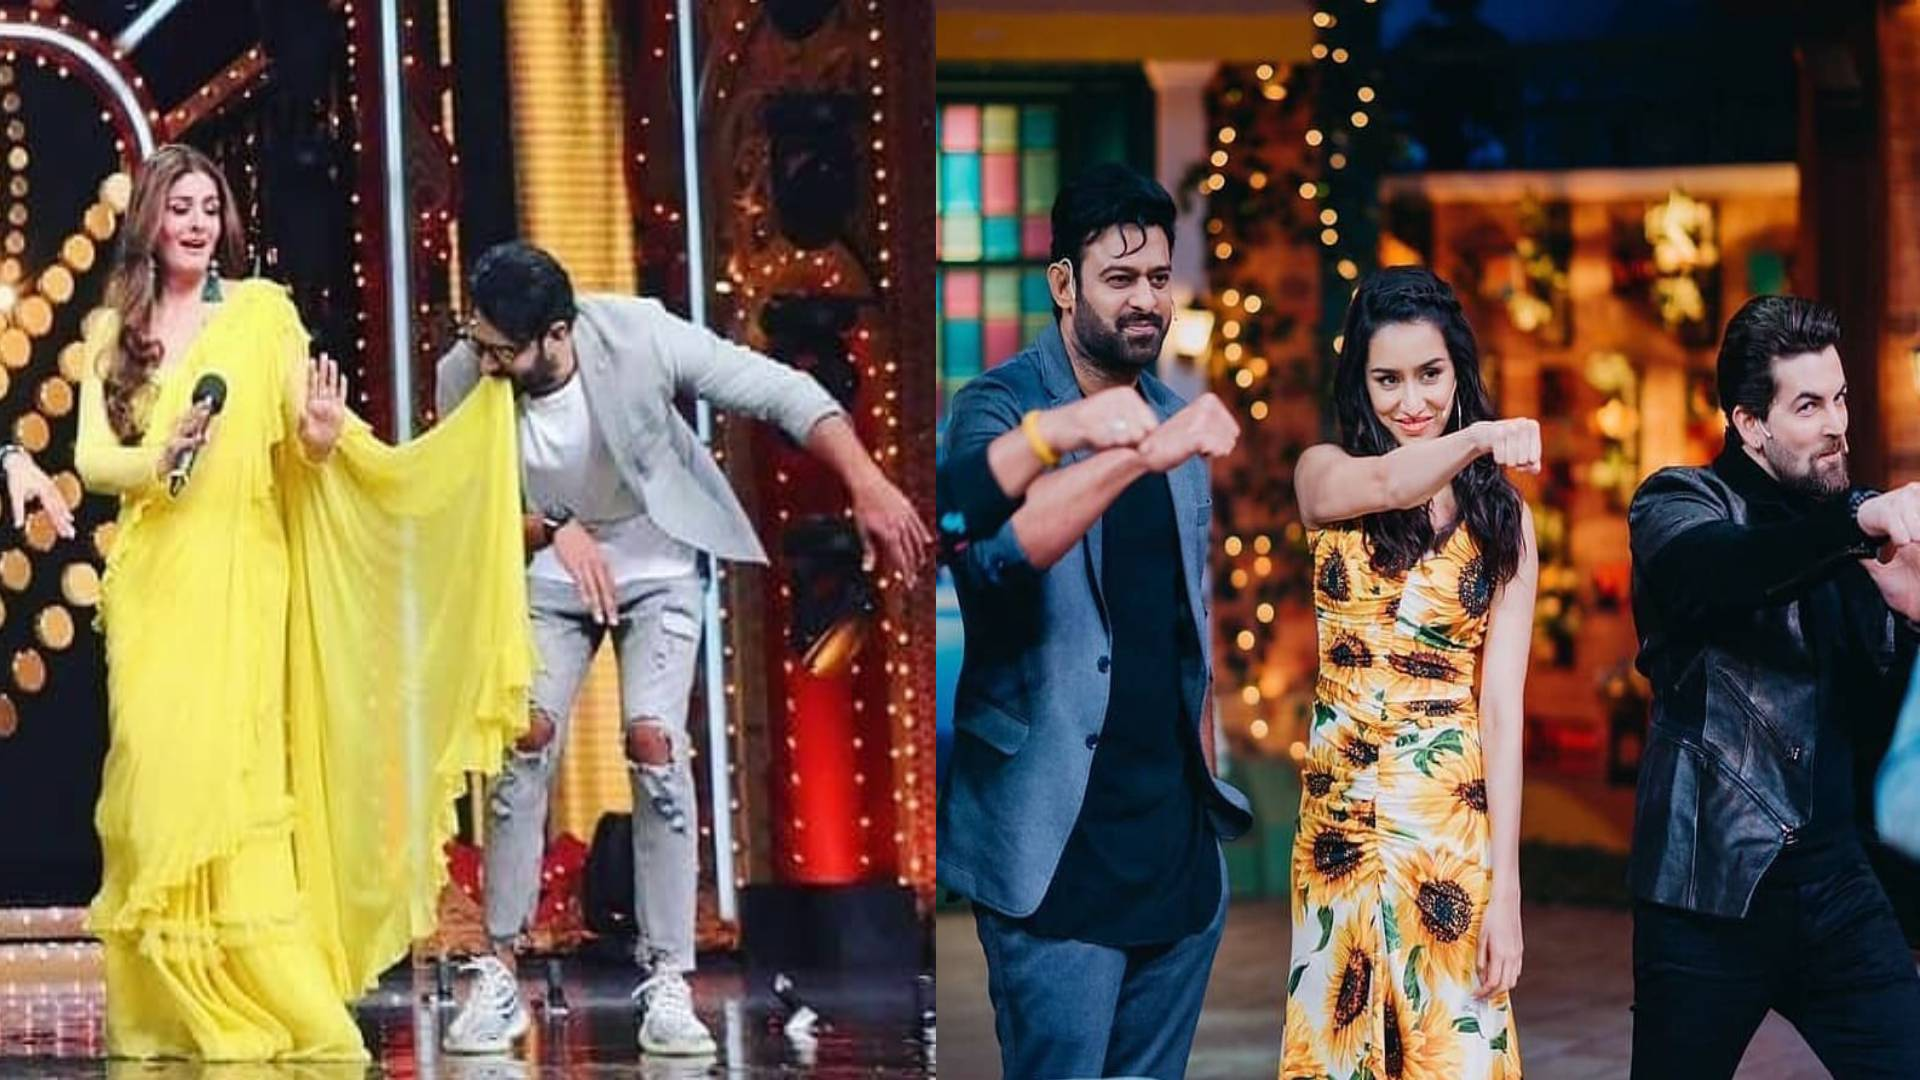 सलमान खान के गाने पर रवीना टंडन संग प्रभास ने किया डांस, द कपिल शर्मा शो में श्रद्धा कपूर संग की जमकर मस्ती